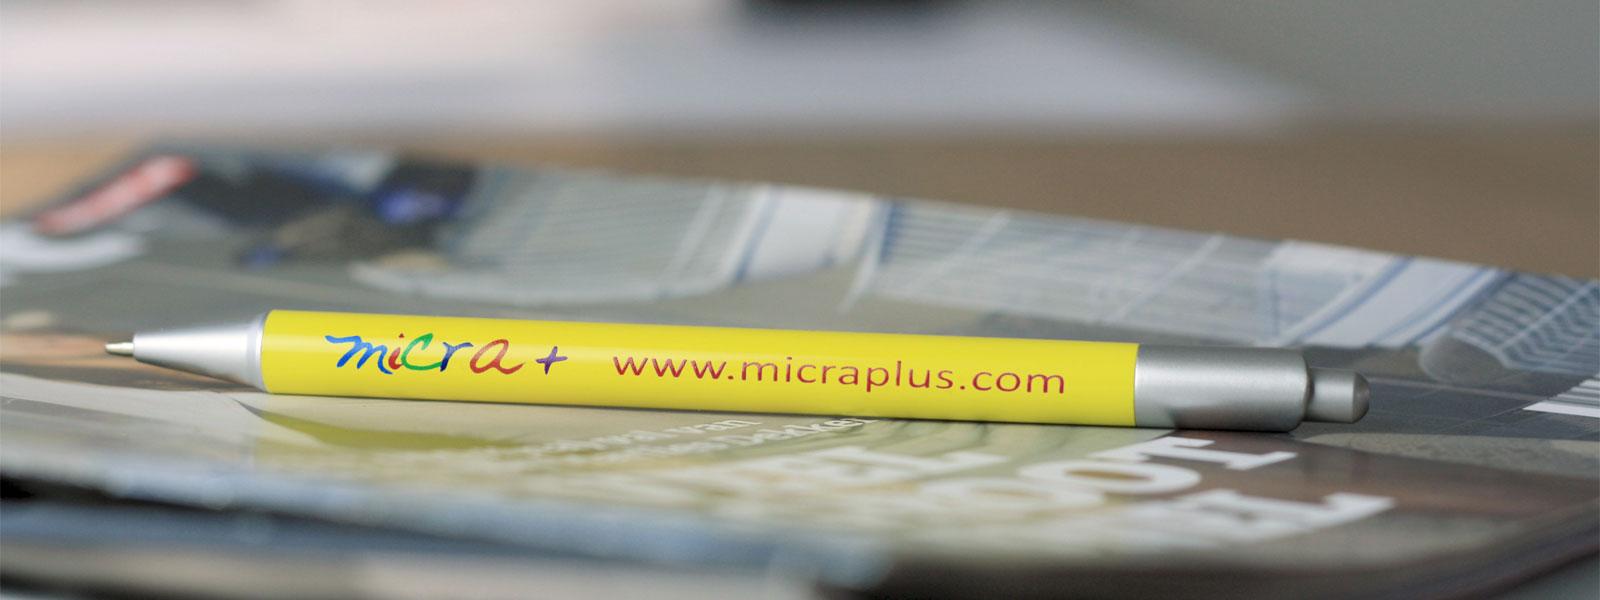 stylos publicitaires personnalisés pas cher